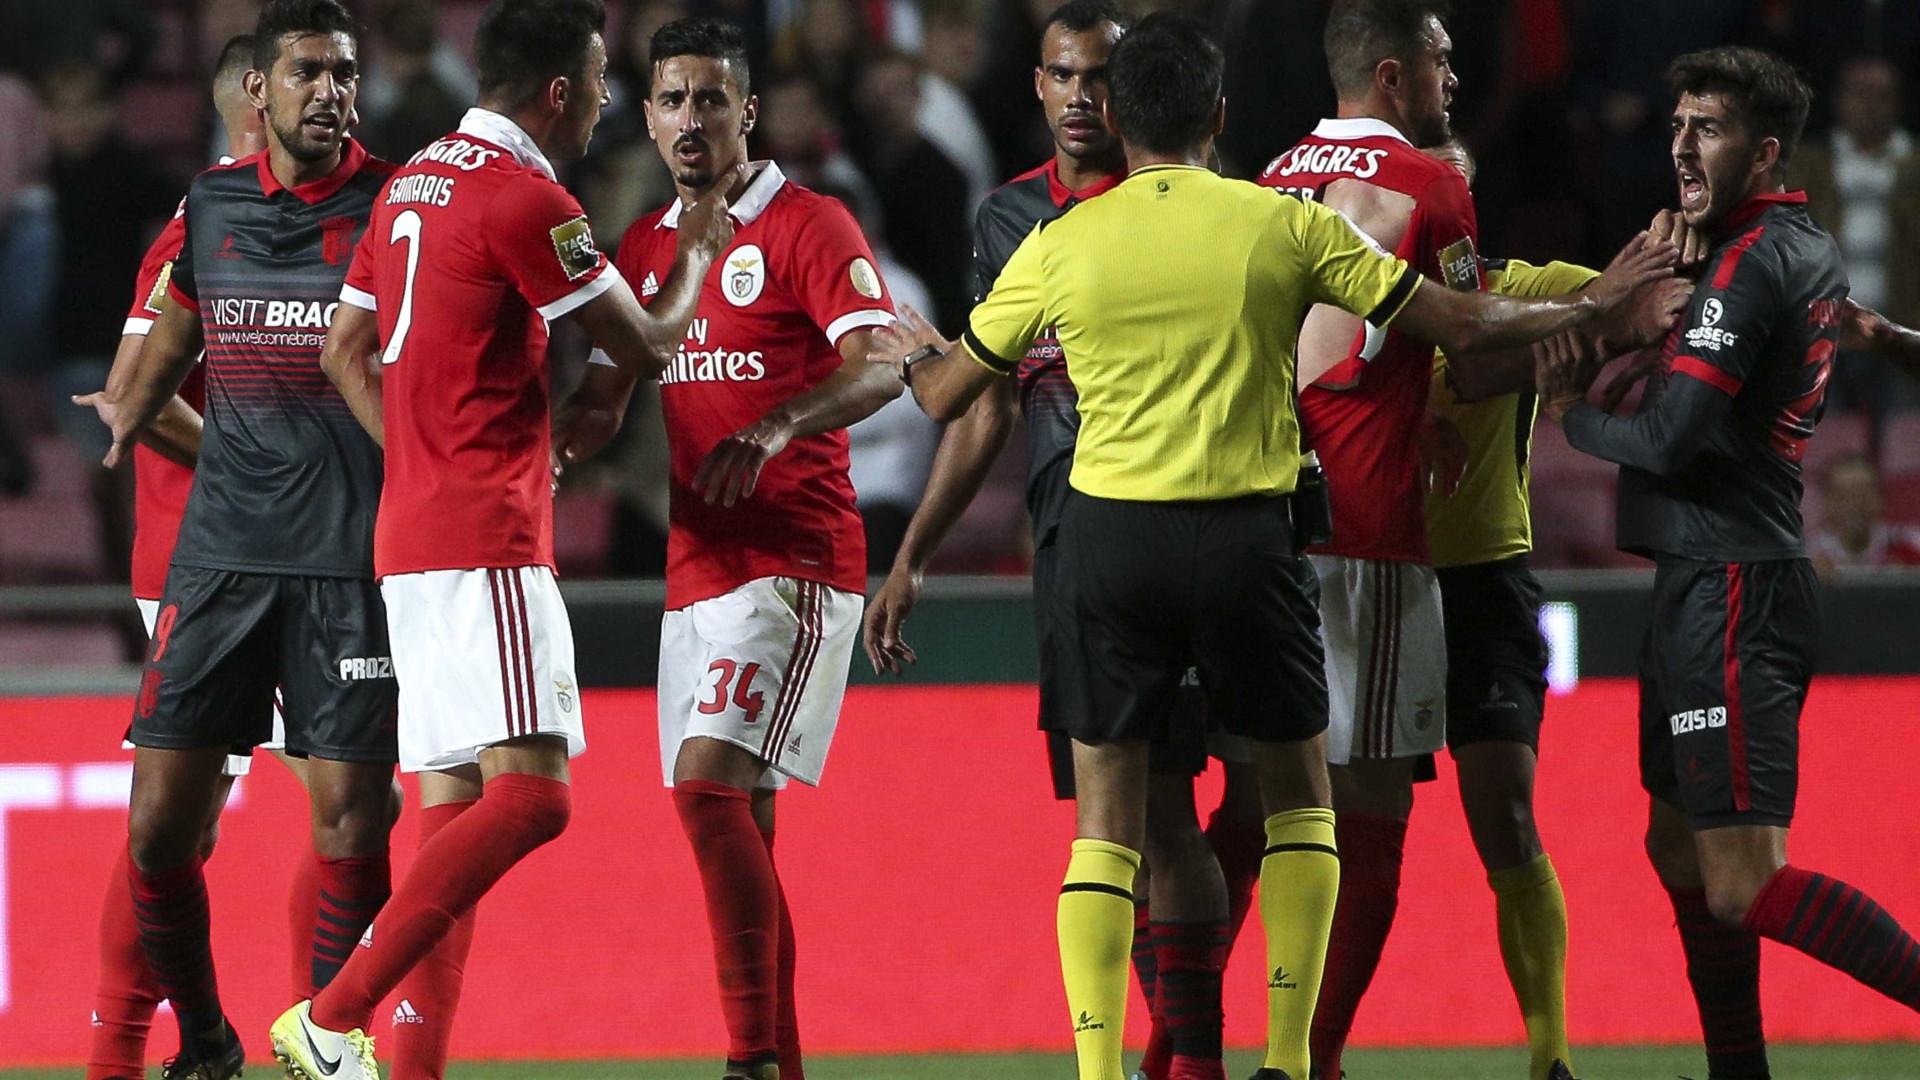 Benfica-Sporting de Braga acaba com momentos de tensão